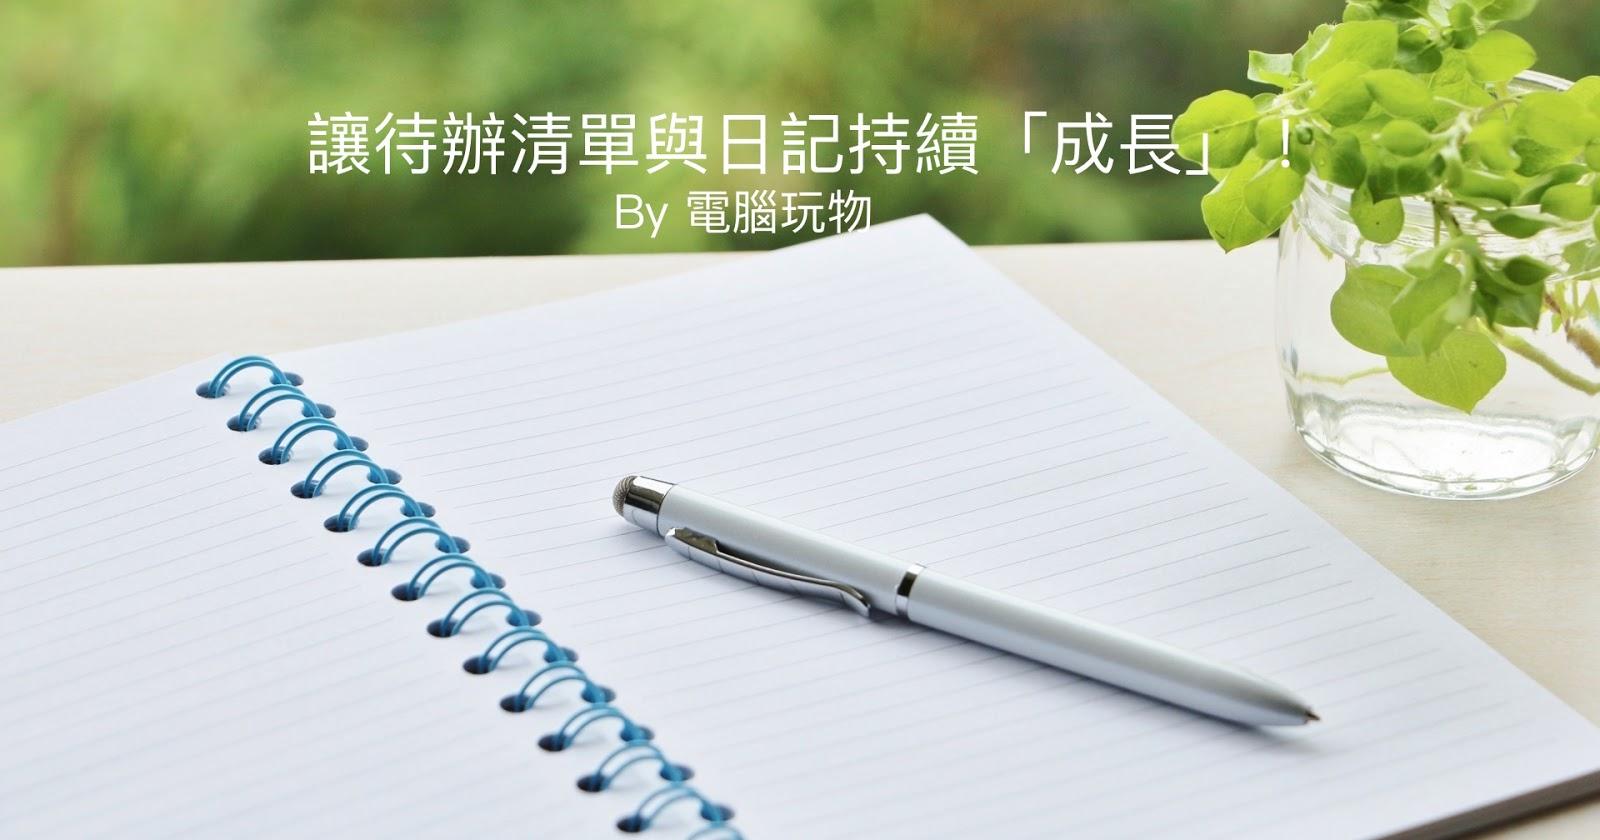 [筆記術-15] 待辦清單不要完成就劃掉,日記不要只寫昨日反省